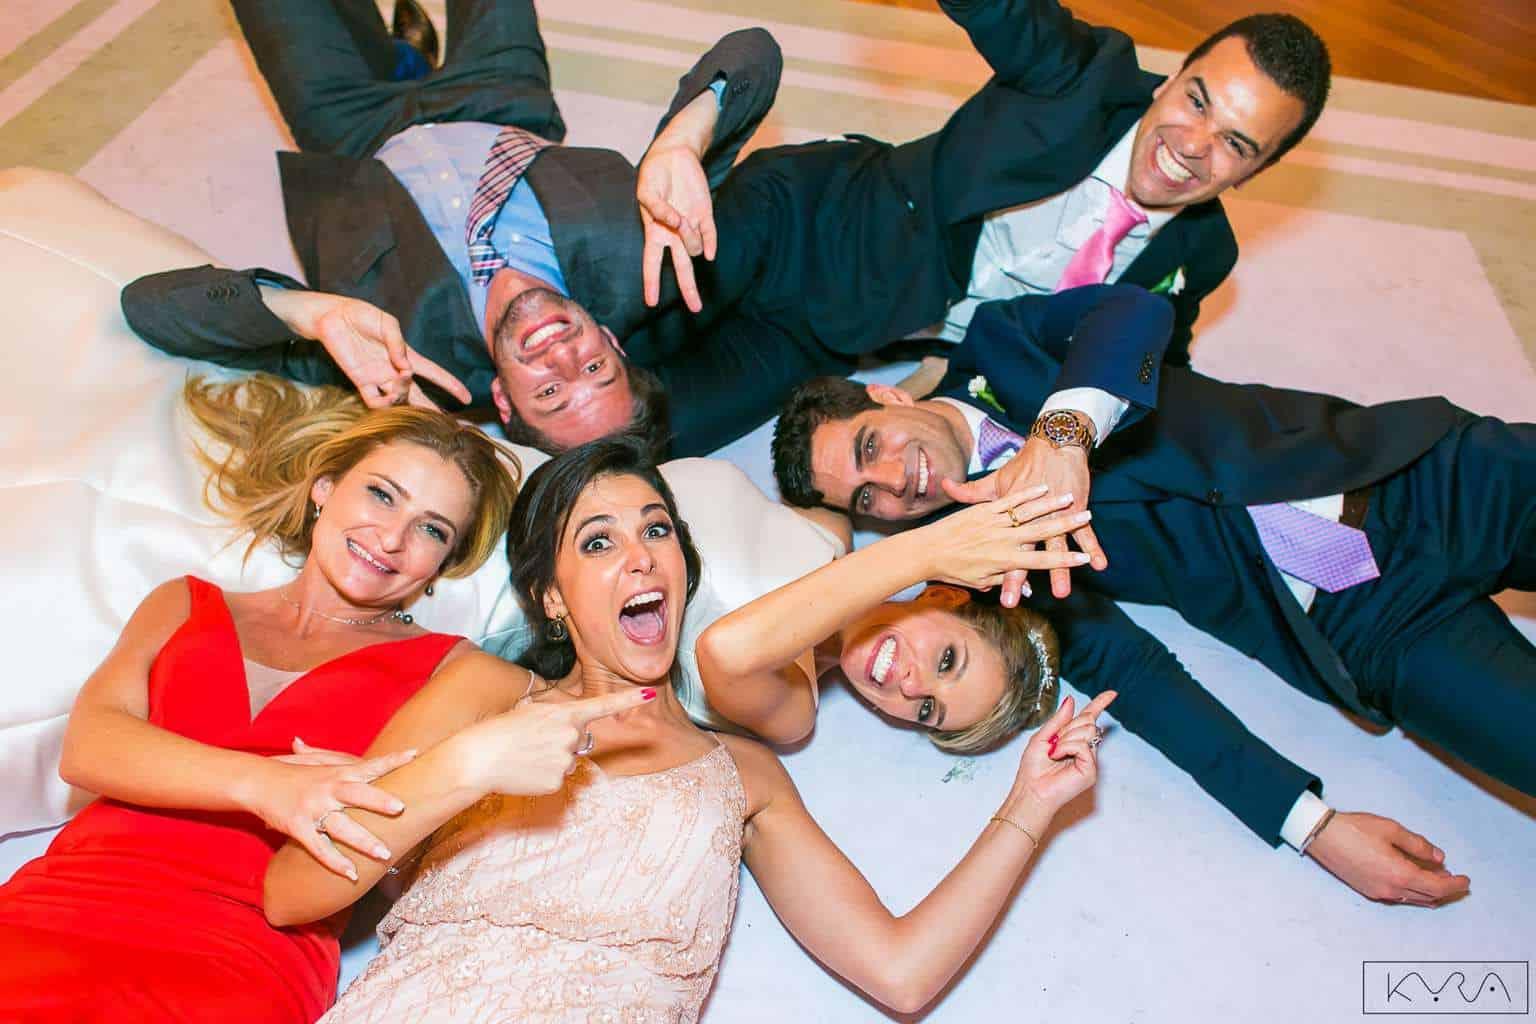 ana-carolina-e-bernardo-Anna-Carolina-Werneck-beleza-da-noiva-casamento-tradicional-Gavea-Golf-Club-Kyra-Mirsky-making-of-mini-wedding-verde-e-rosa-casamento-10